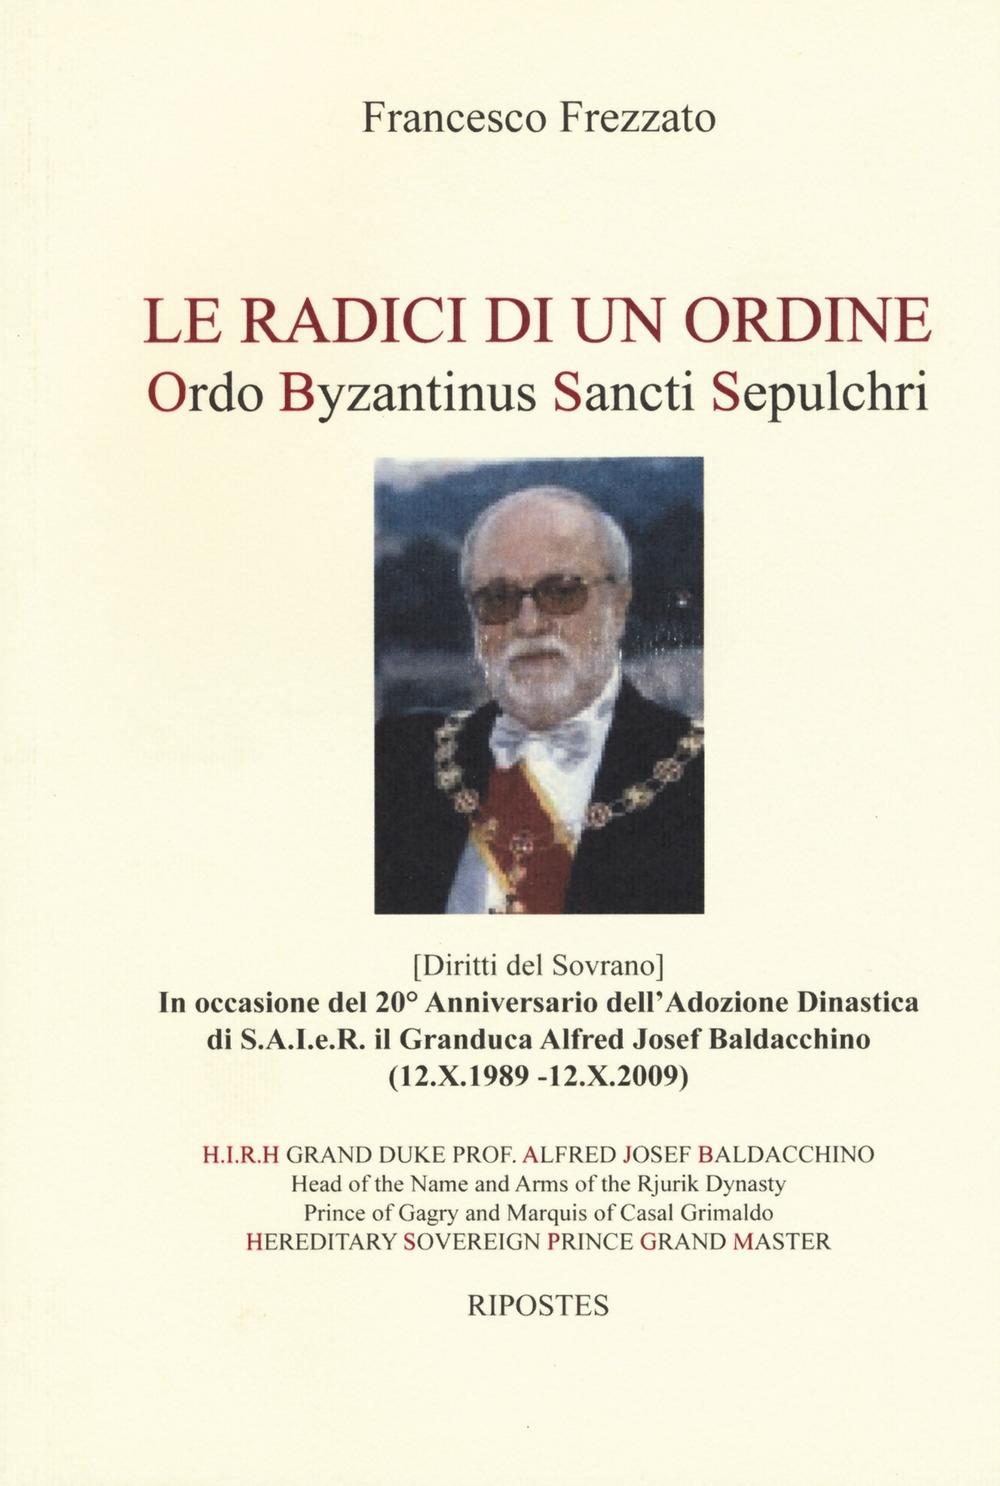 Le radici di un ordine. Ordo Byzantinus Sancti Sepulchri